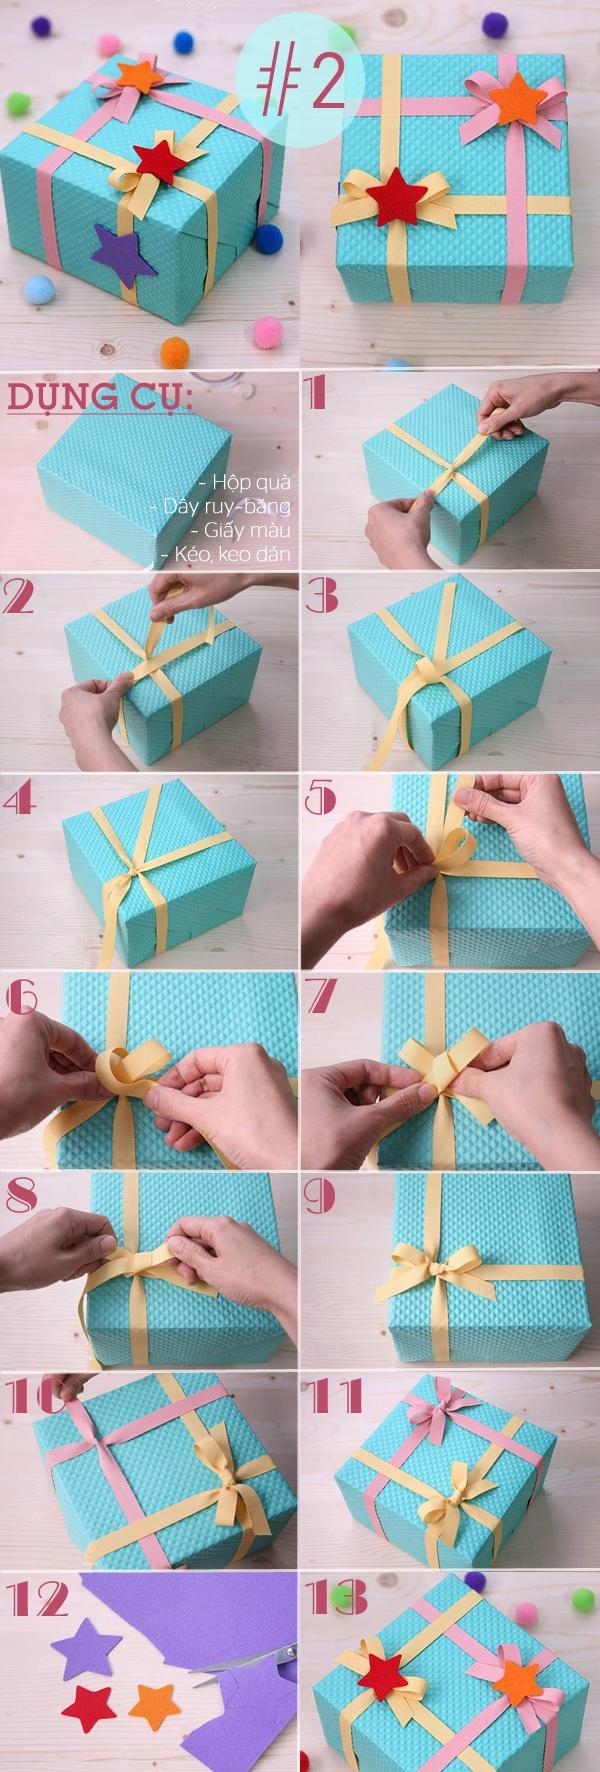 4 kiểu trang trí hộp quà sáng tạo dễ làm 2